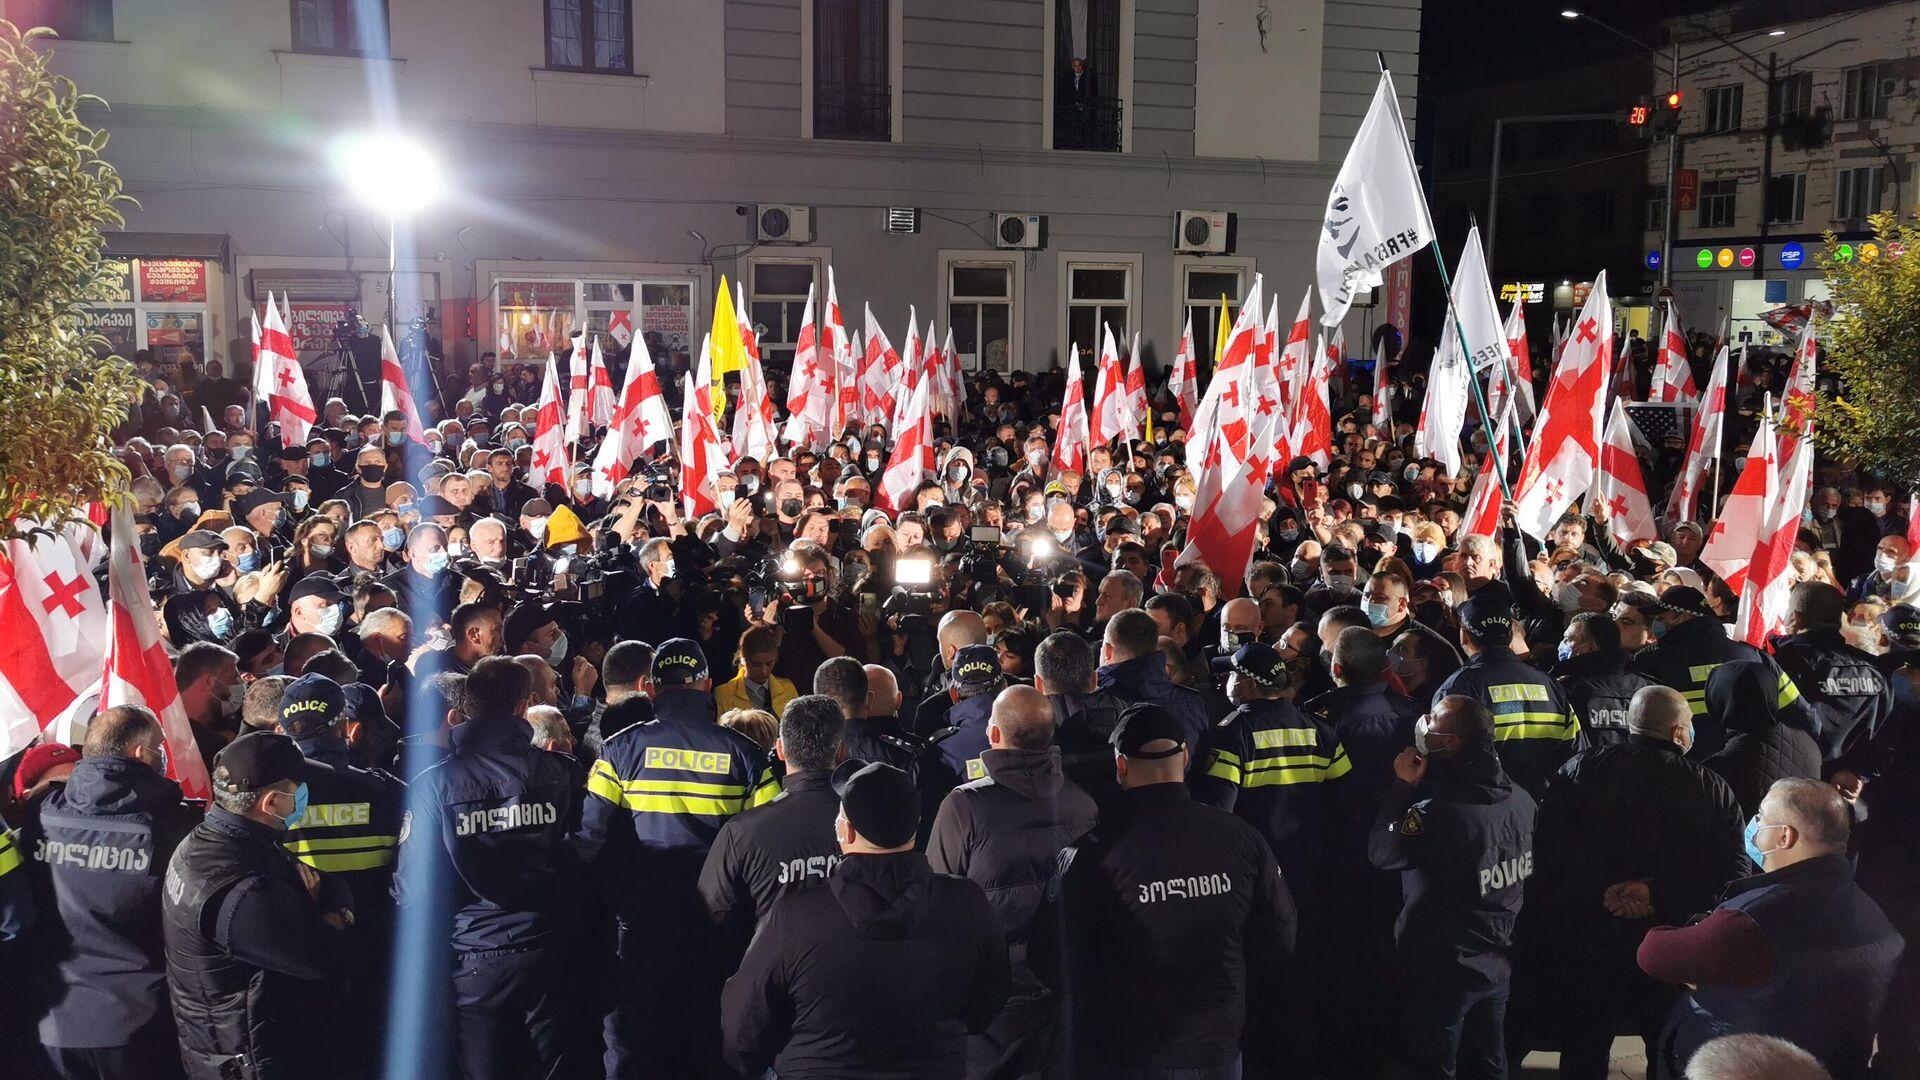 Акция протеста сторонников ЕНД в Зугдиди 9 октября 2021 года у здания окружной избирательной комиссии - Sputnik Грузия, 1920, 11.10.2021